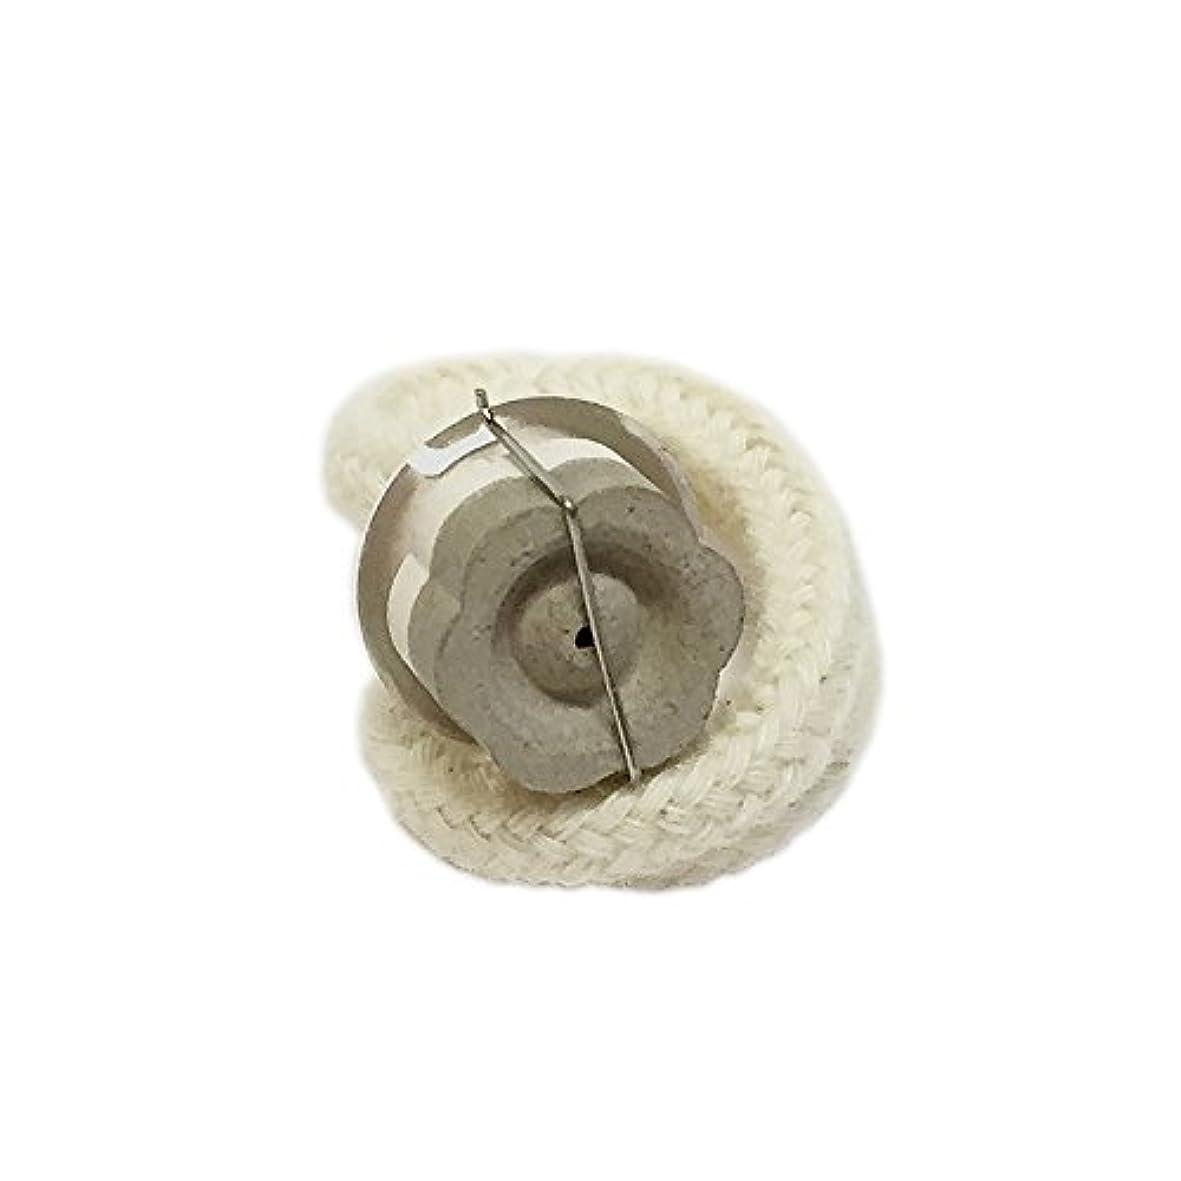 ミニランプ用 交換バーナー (シルバー) セラミック芯